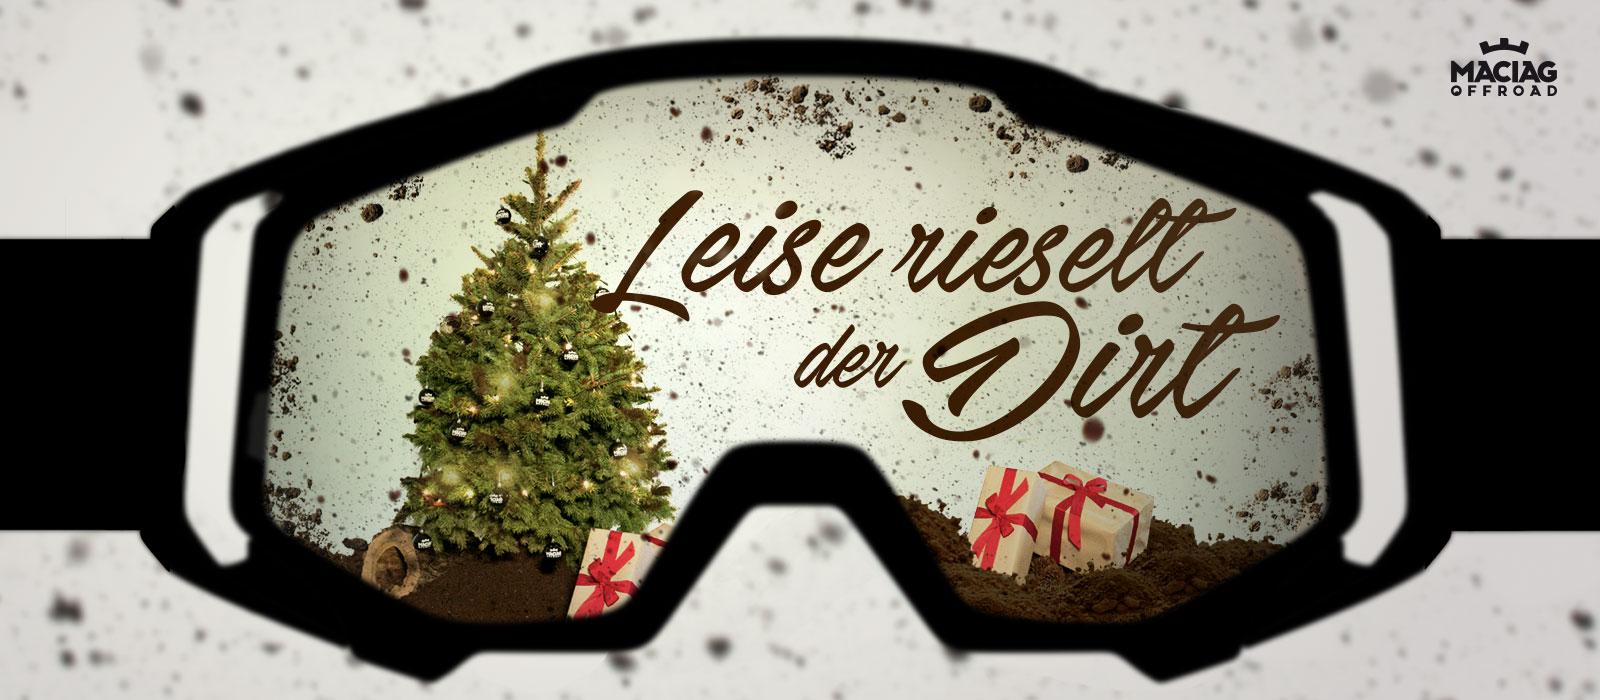 Weihnachten 2017 Motocross & Mountainbike Leise rieselt der Dirt Wallpaper